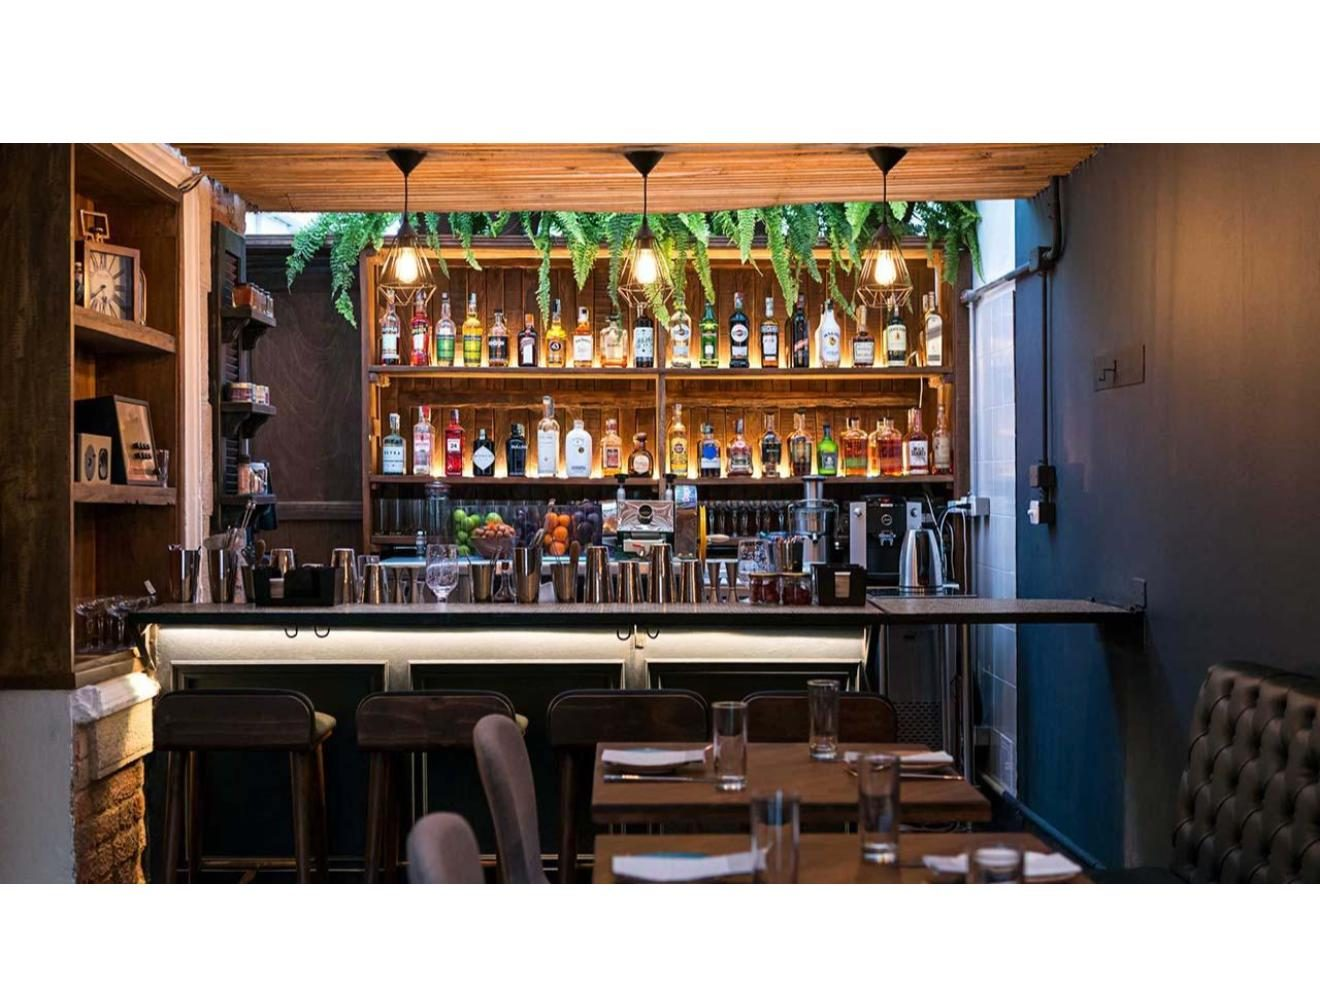 Indoors bar